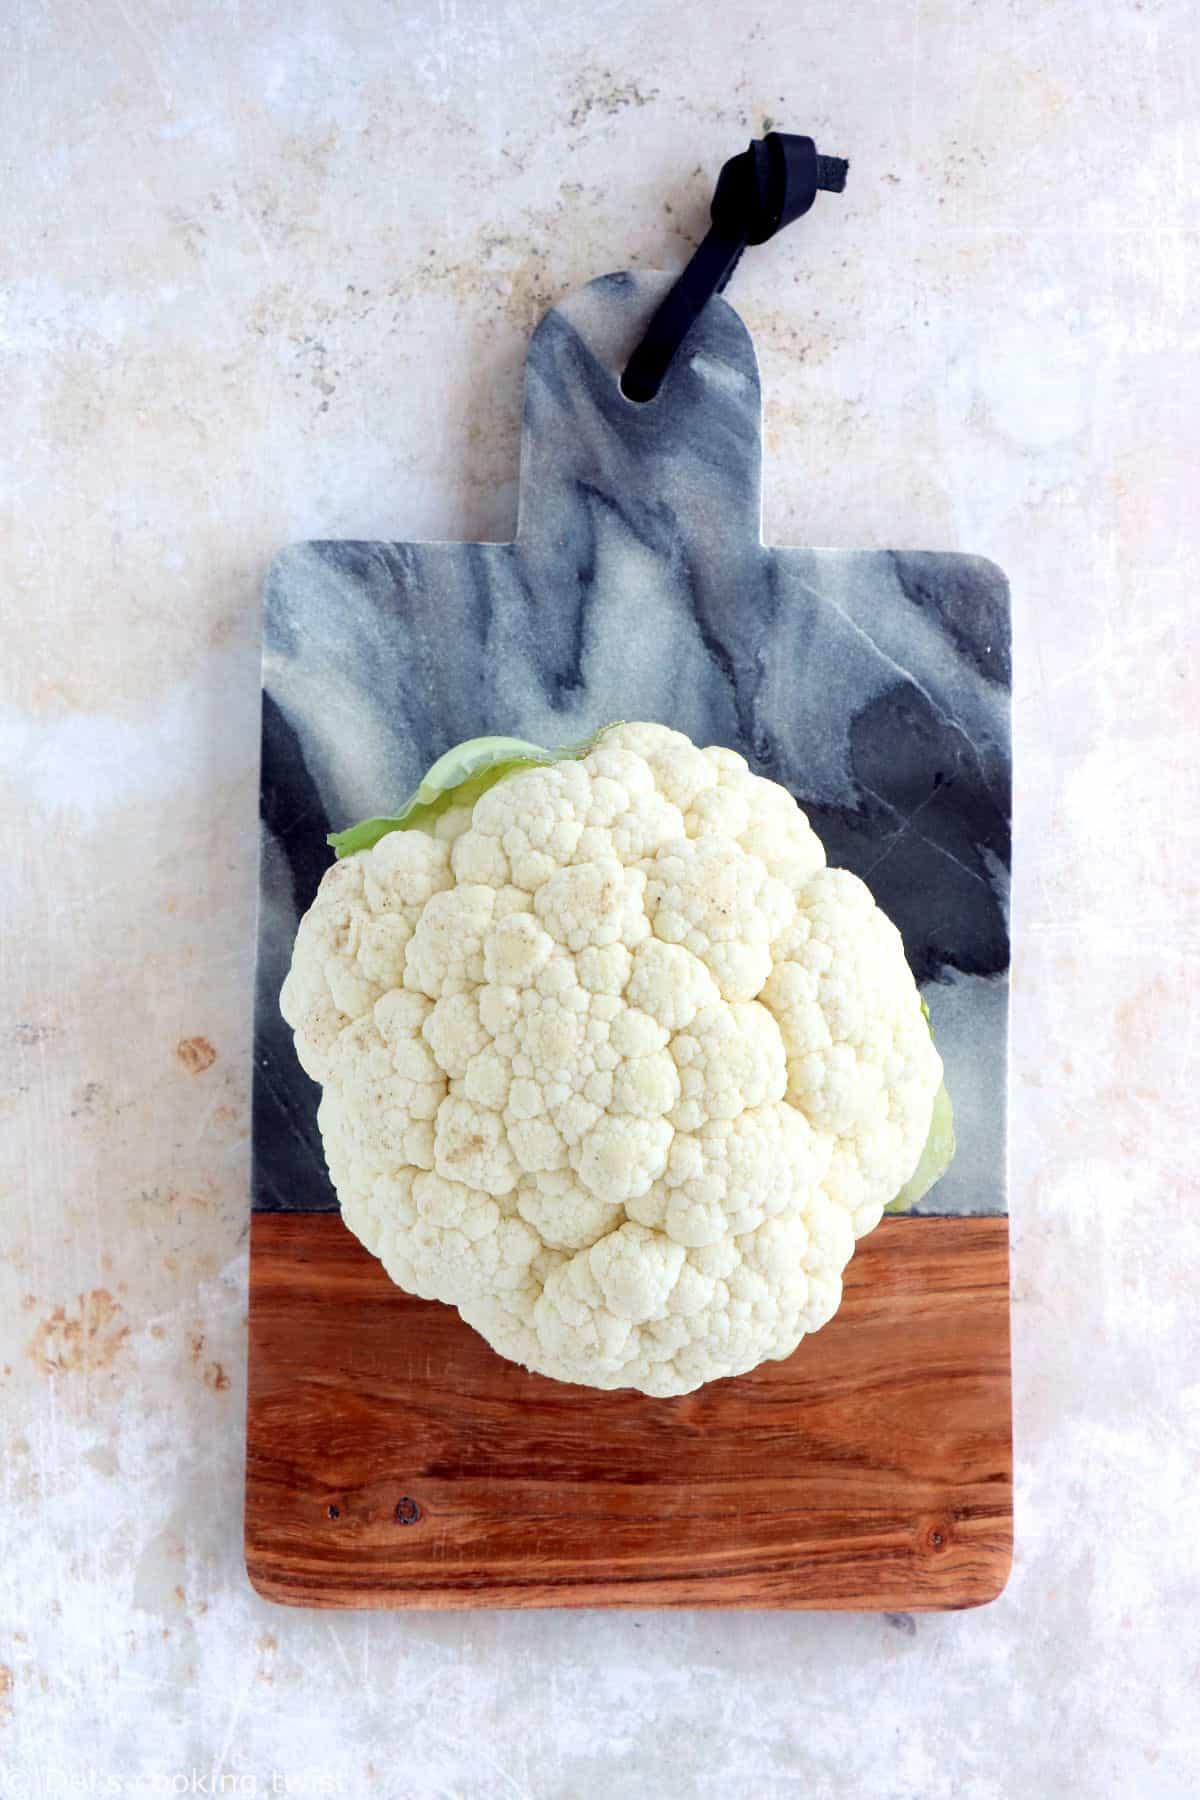 Découvrez comment préparer du riz de chou-fleur en 15 minutes grâce à ce guide détaillé étape par étape.